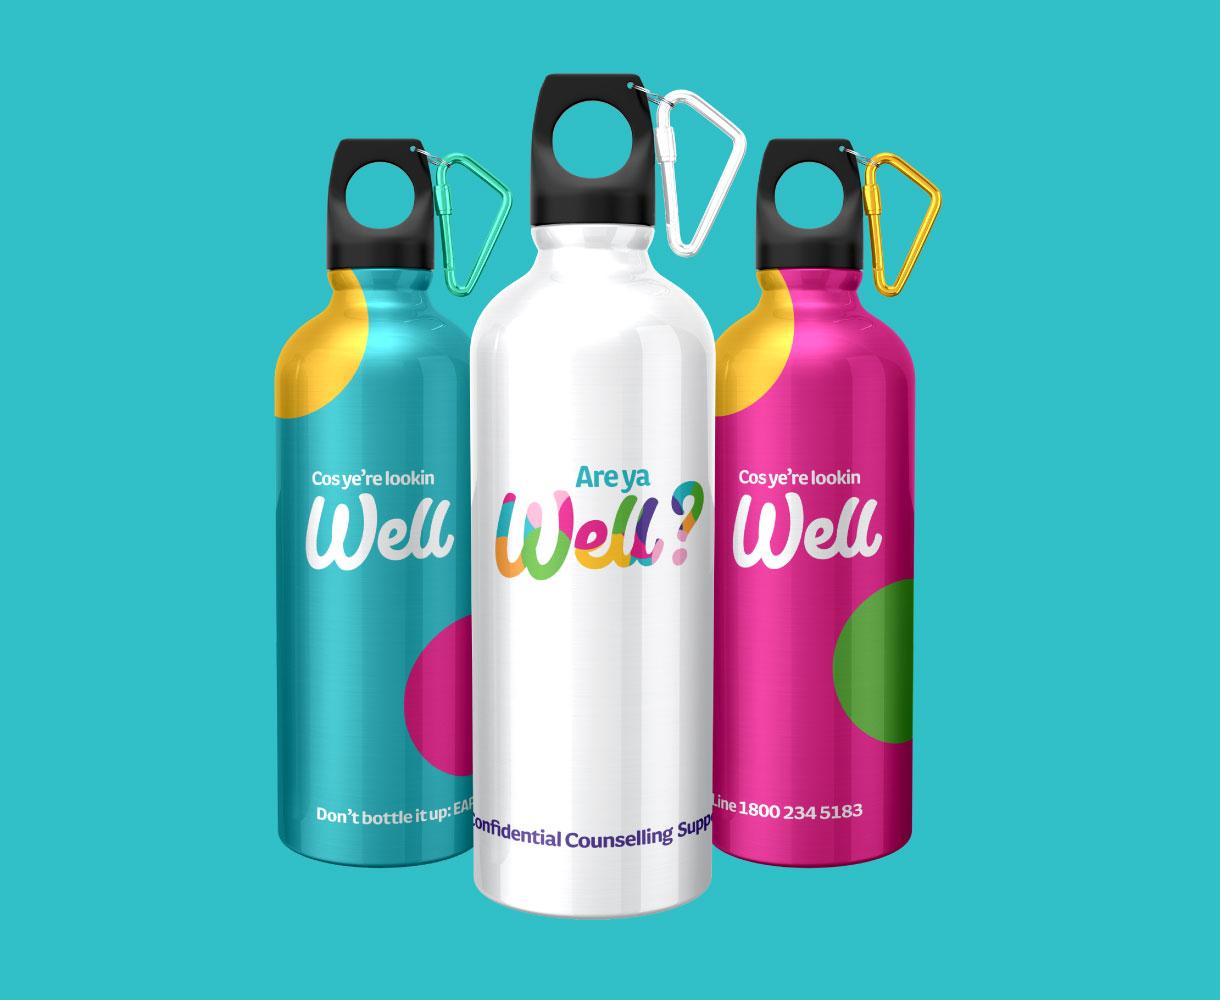 workplace-welness-brand-strategy-ireland